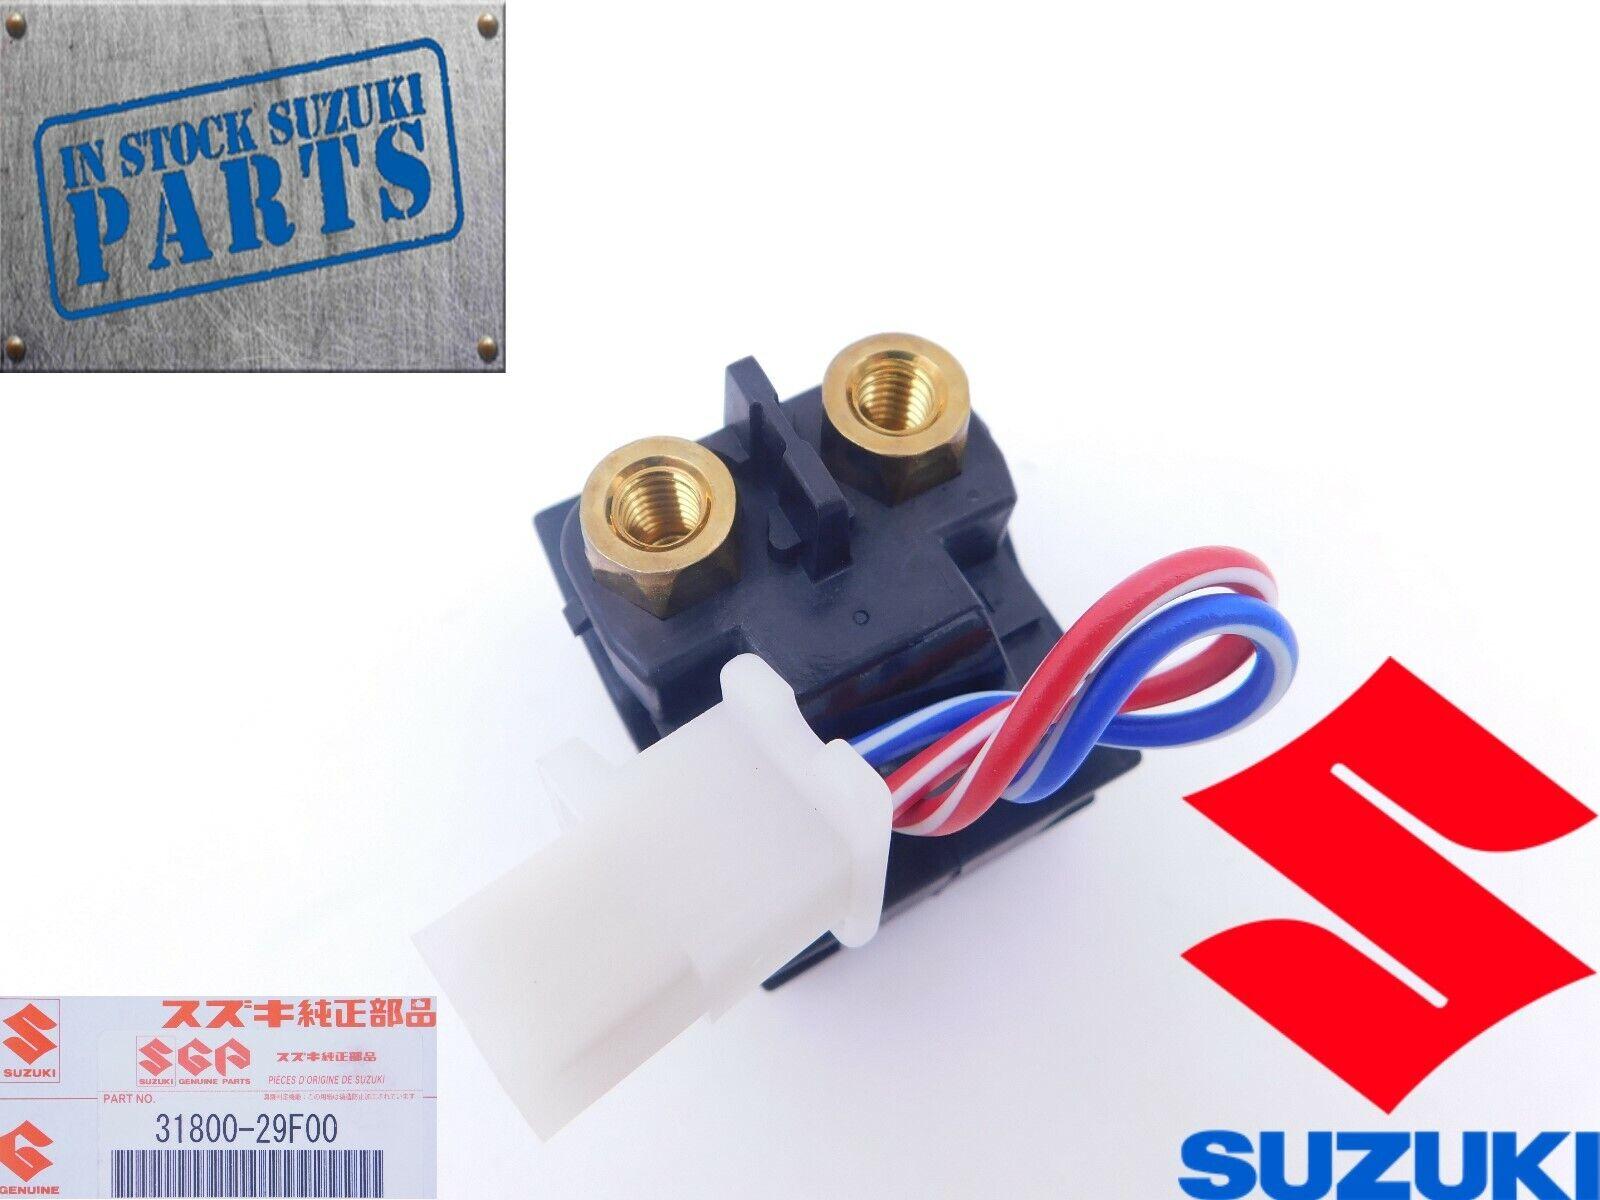 400S 2000-19 400SM 2005-2019 Starter Relay Fits Suzuki DRZ 400 400E 2000-07